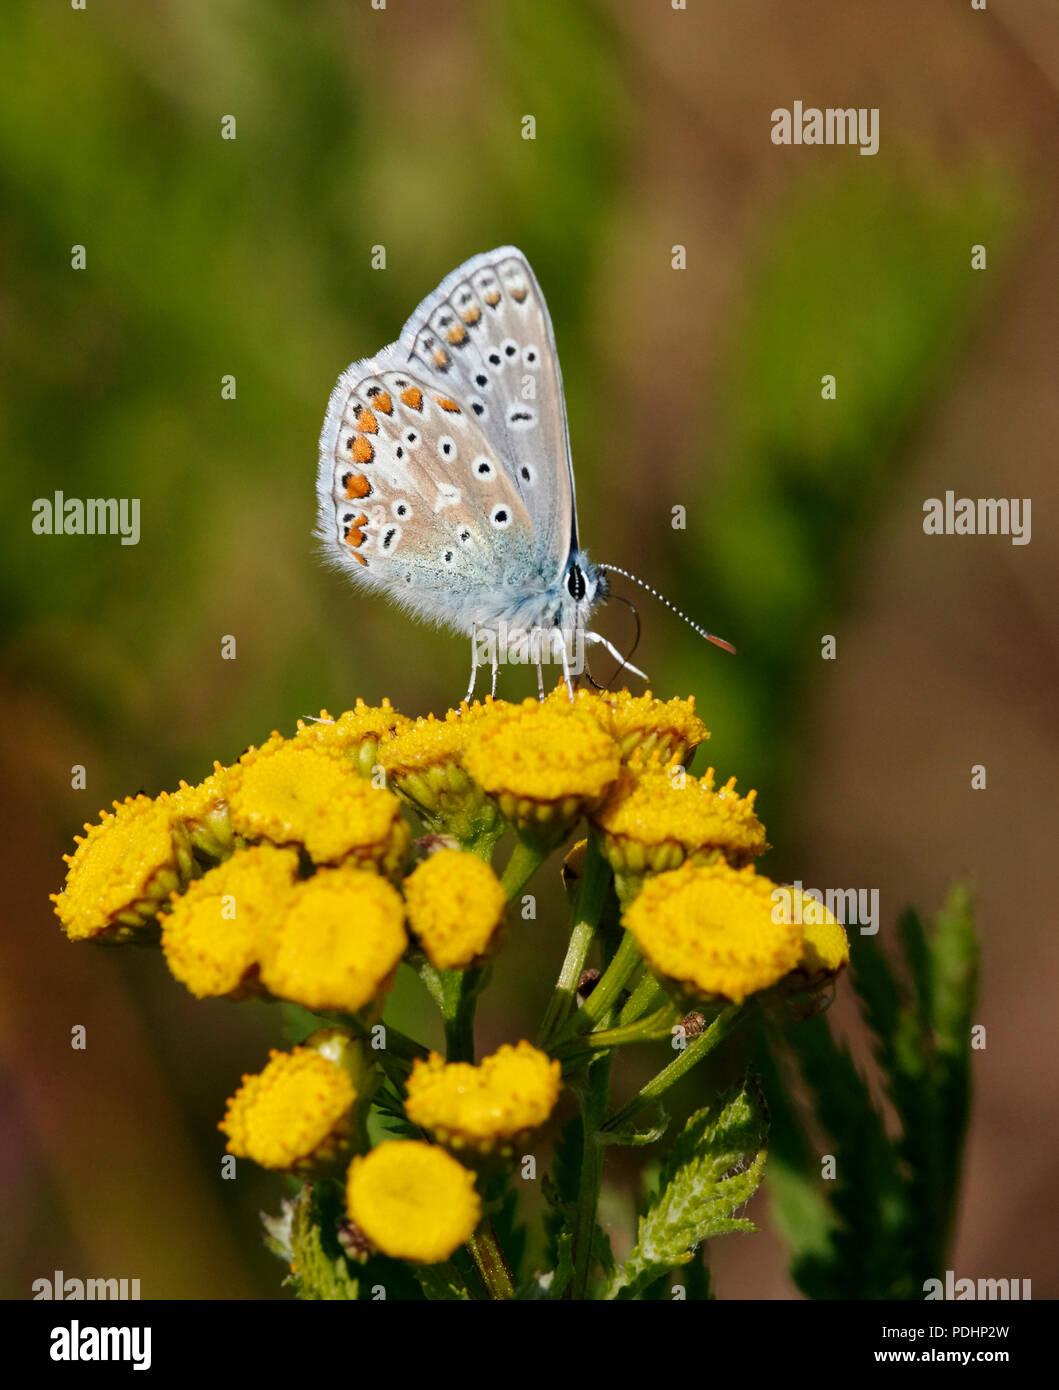 Macho azul común nectaring sobre Tansy. Hurst Meadows, East Molesey, Surrey, Inglaterra. Imagen De Stock